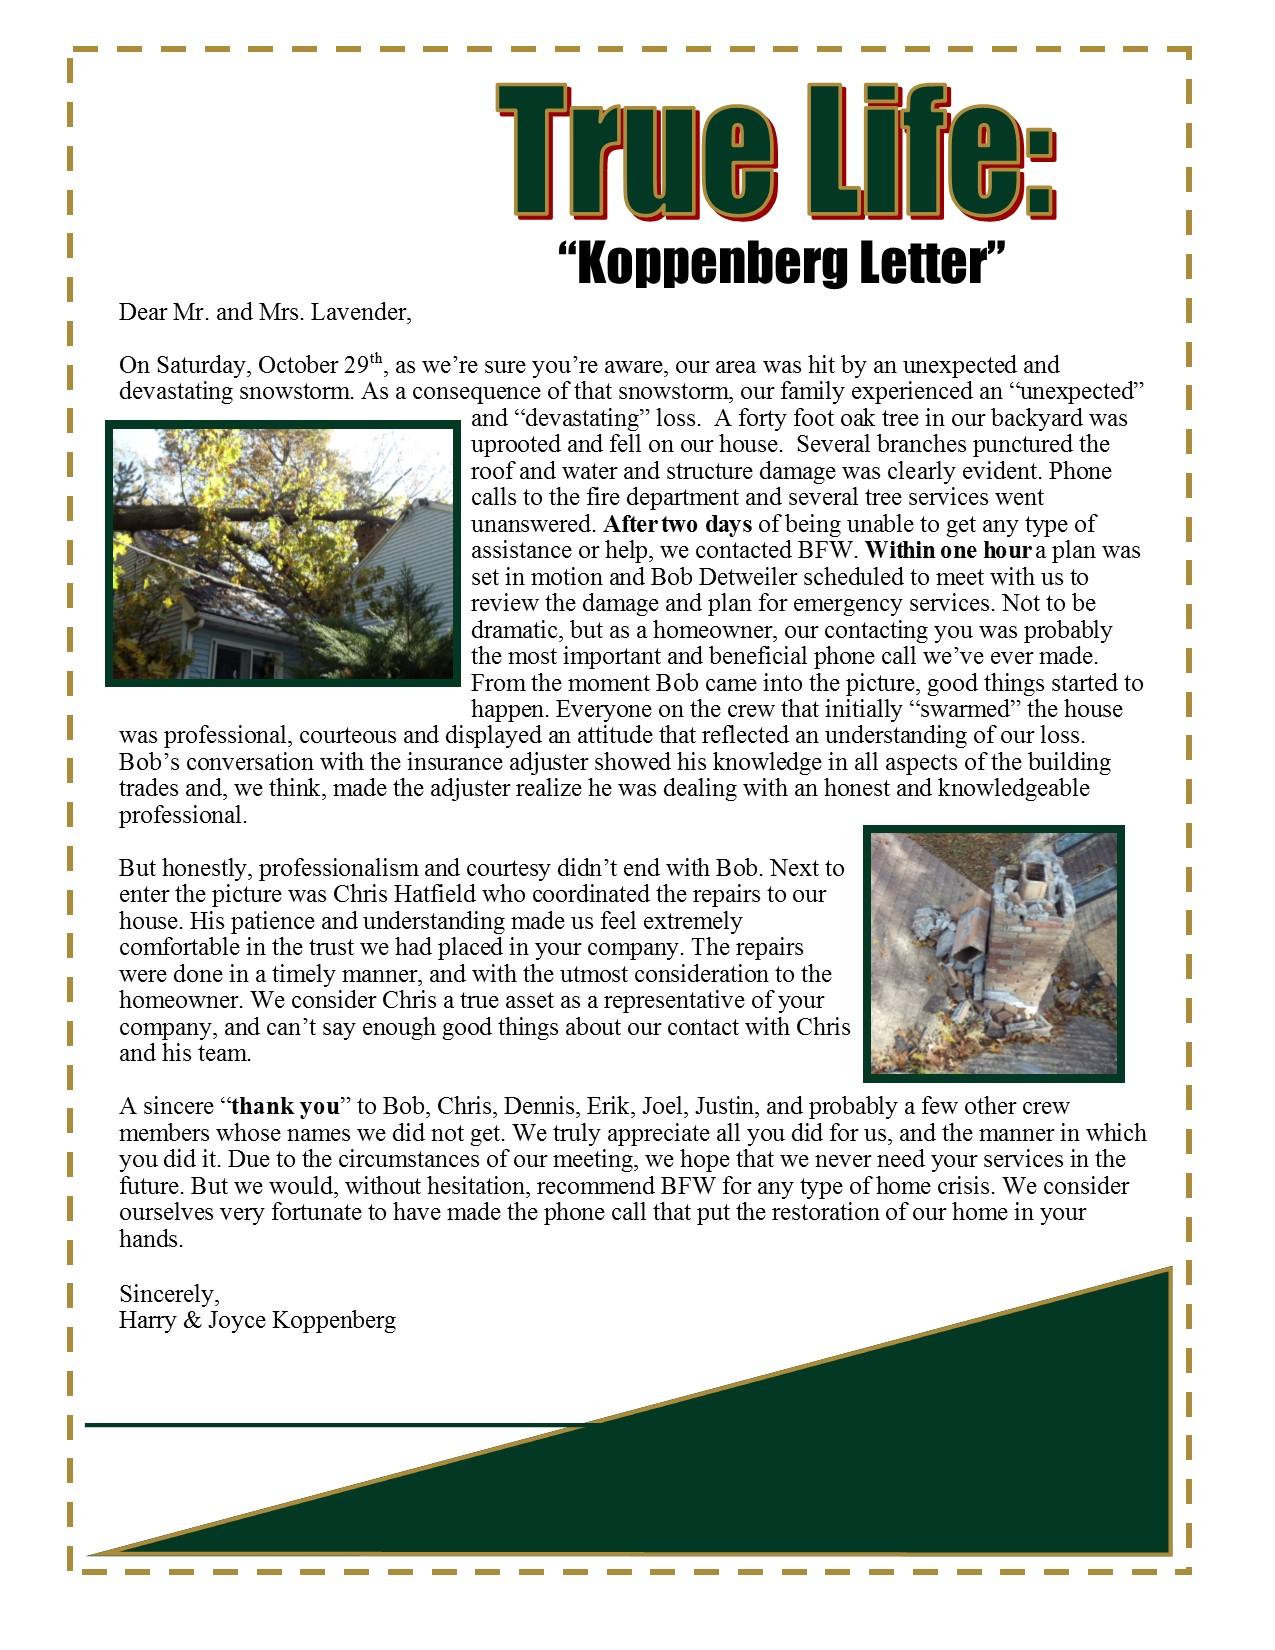 Koppenberg Letter